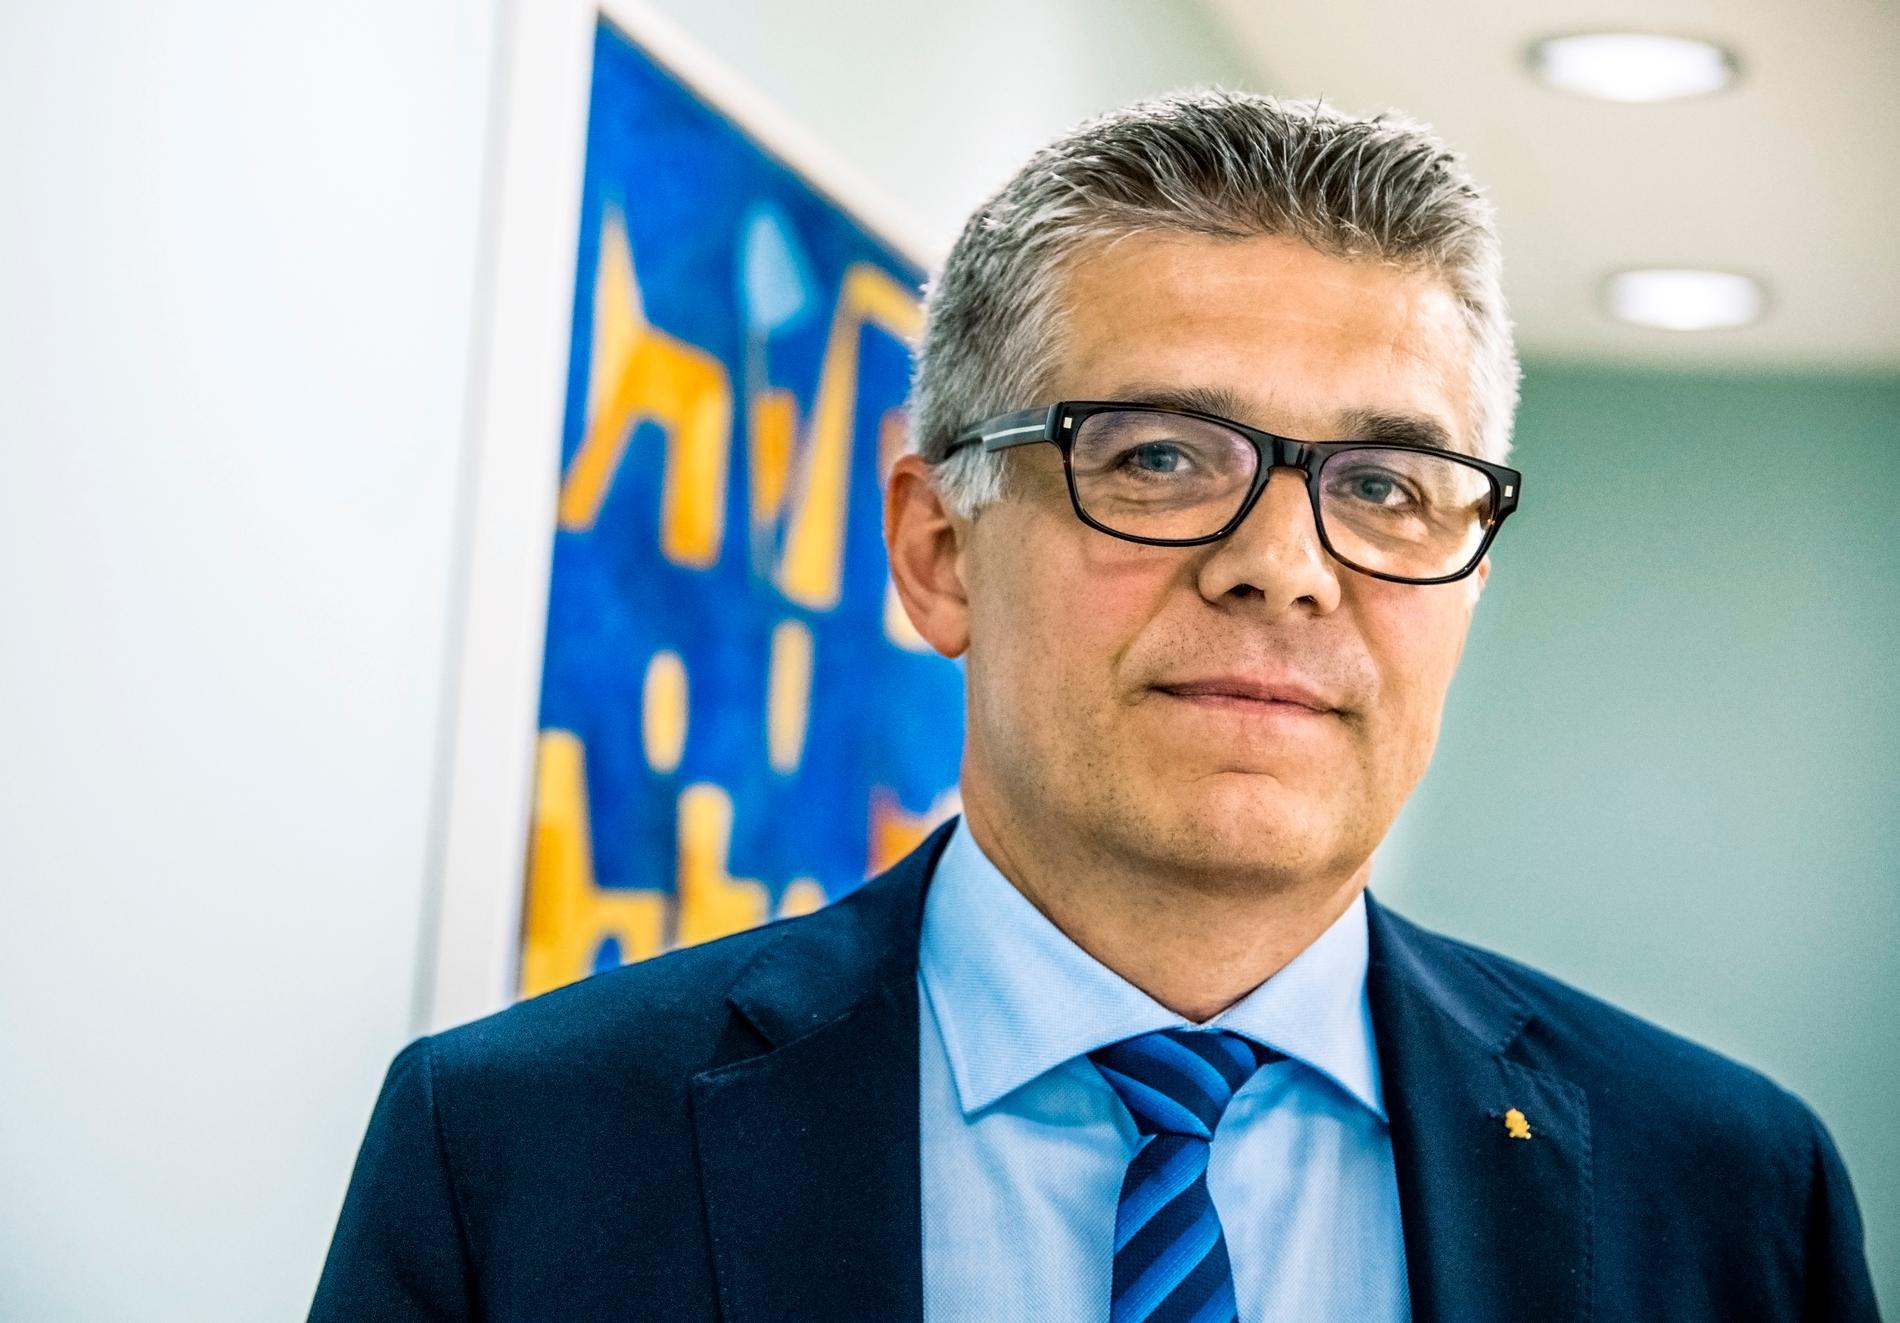 Tusentals våldsbejakande islamister lever i Sverige i dag, uppger Säkerhetspolisens chef Anders Thornberg för TT.